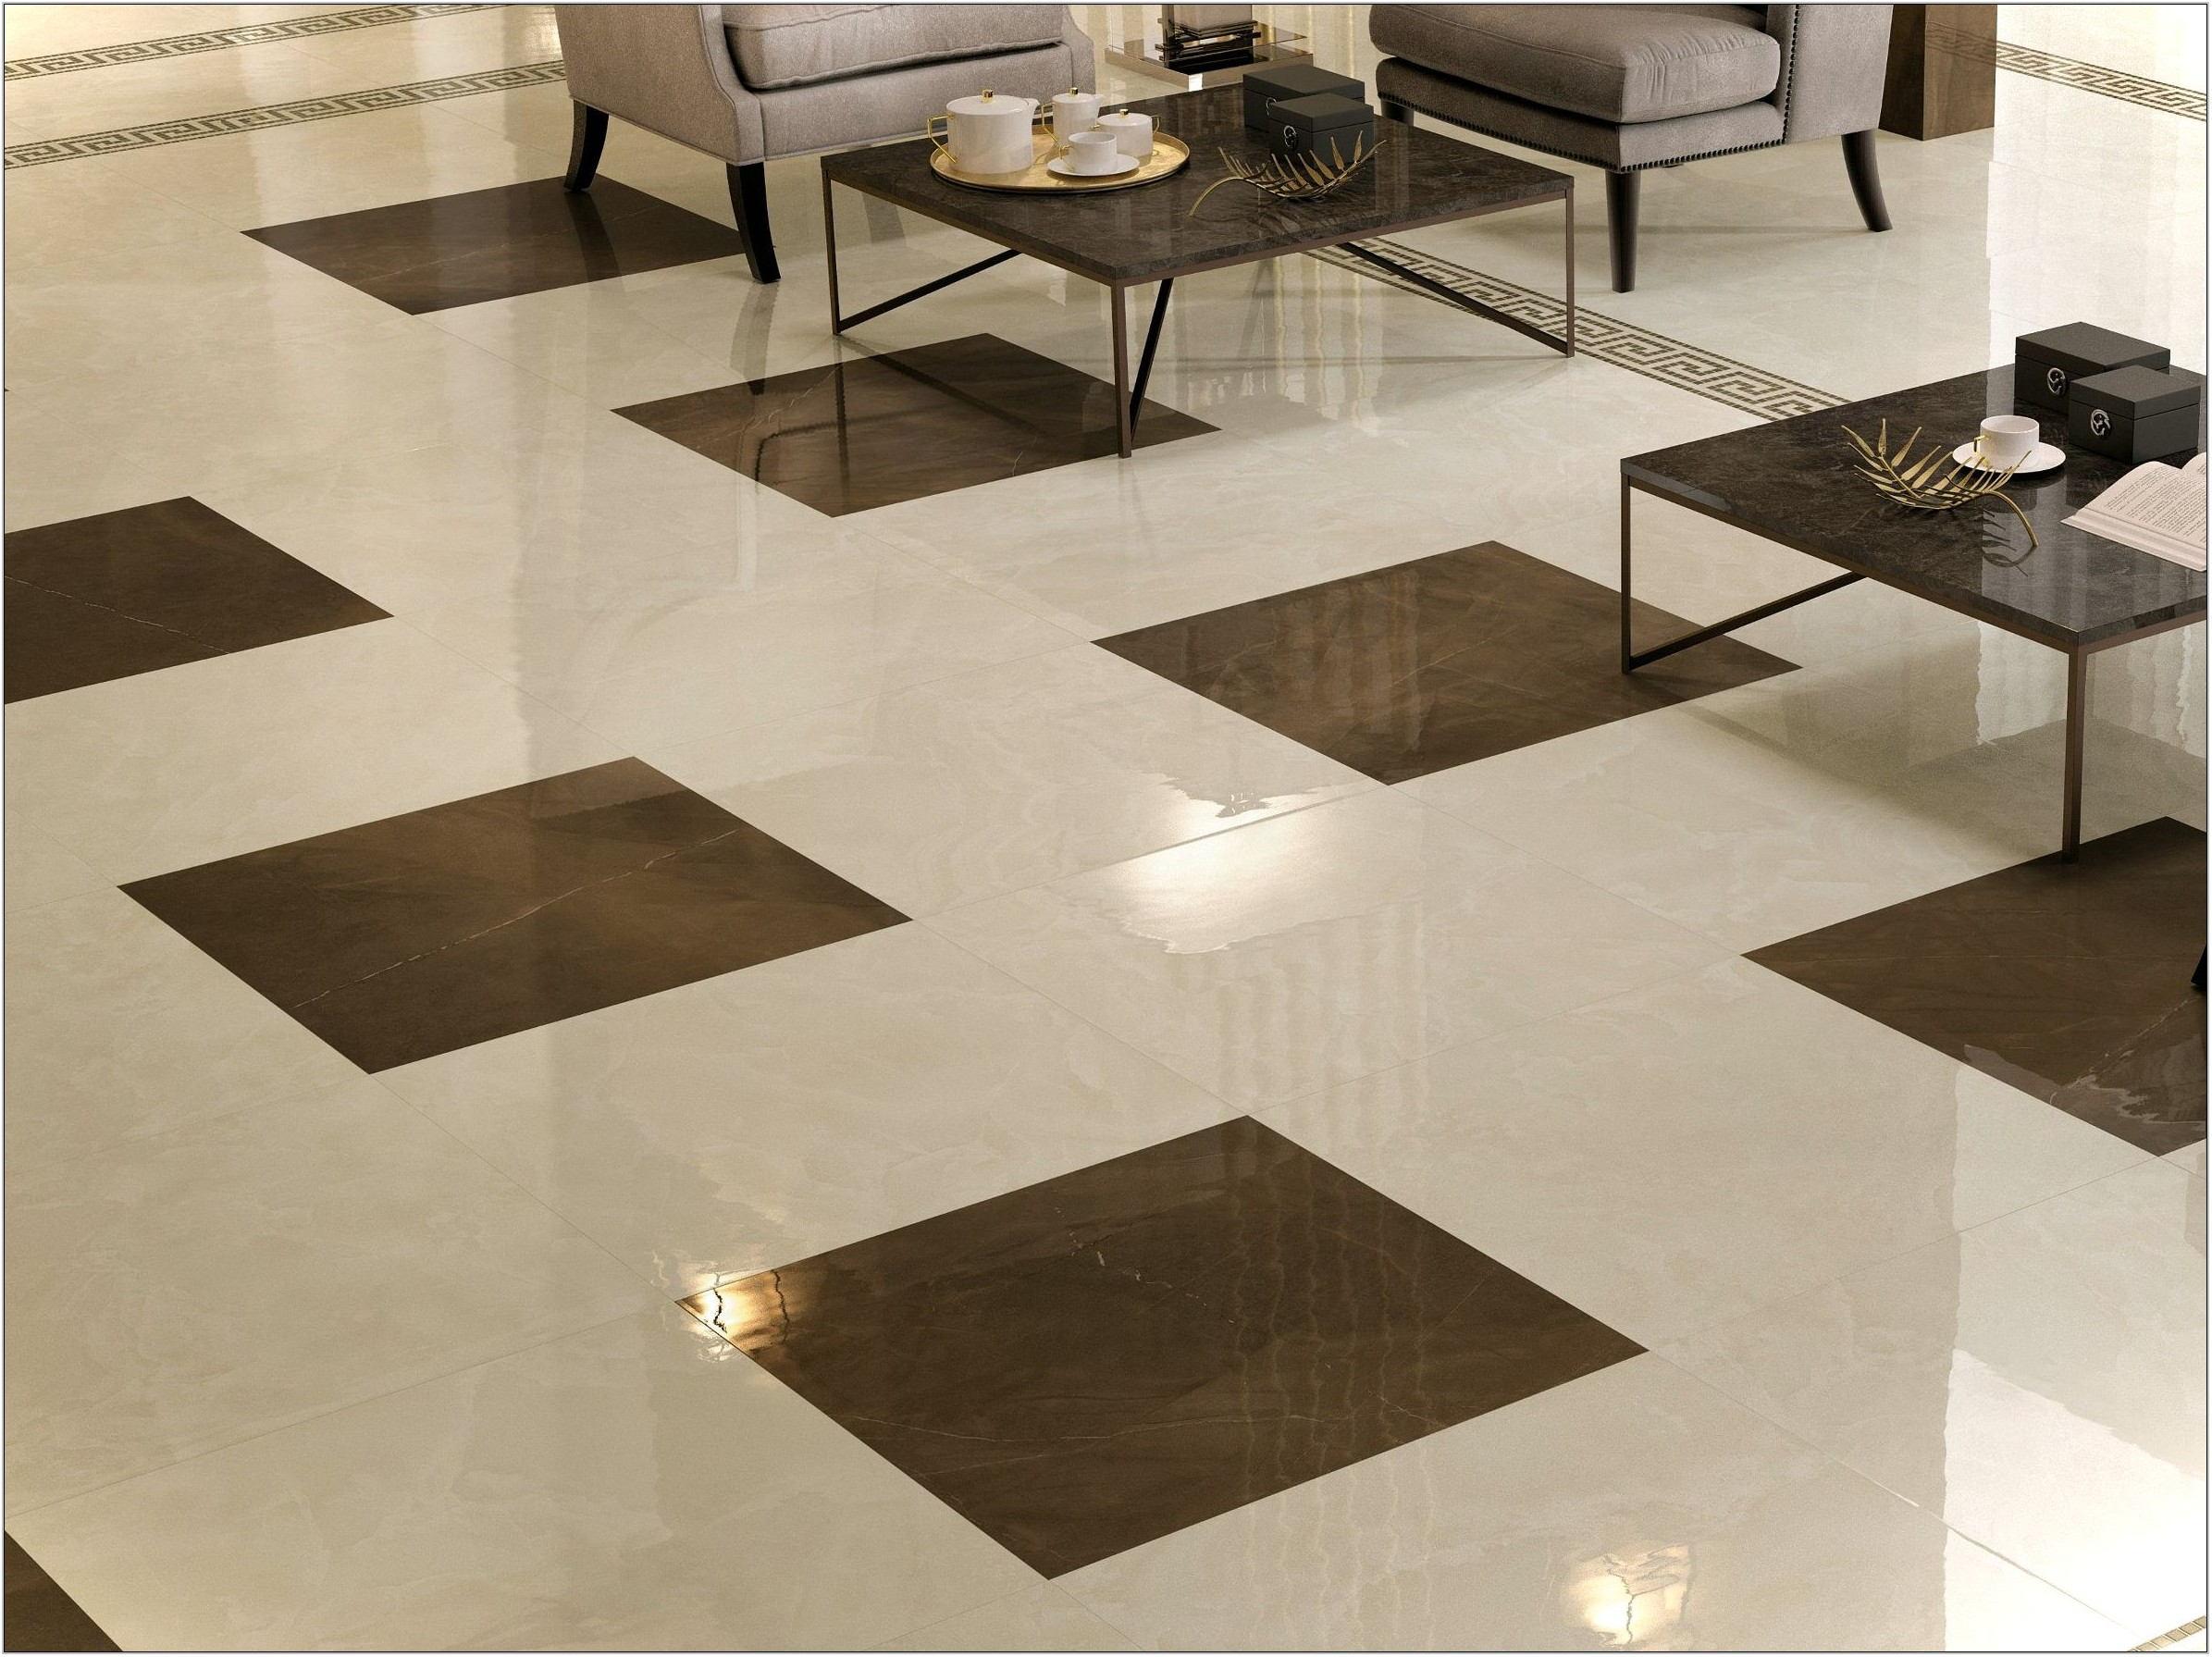 Tiles Pattern For Living Room